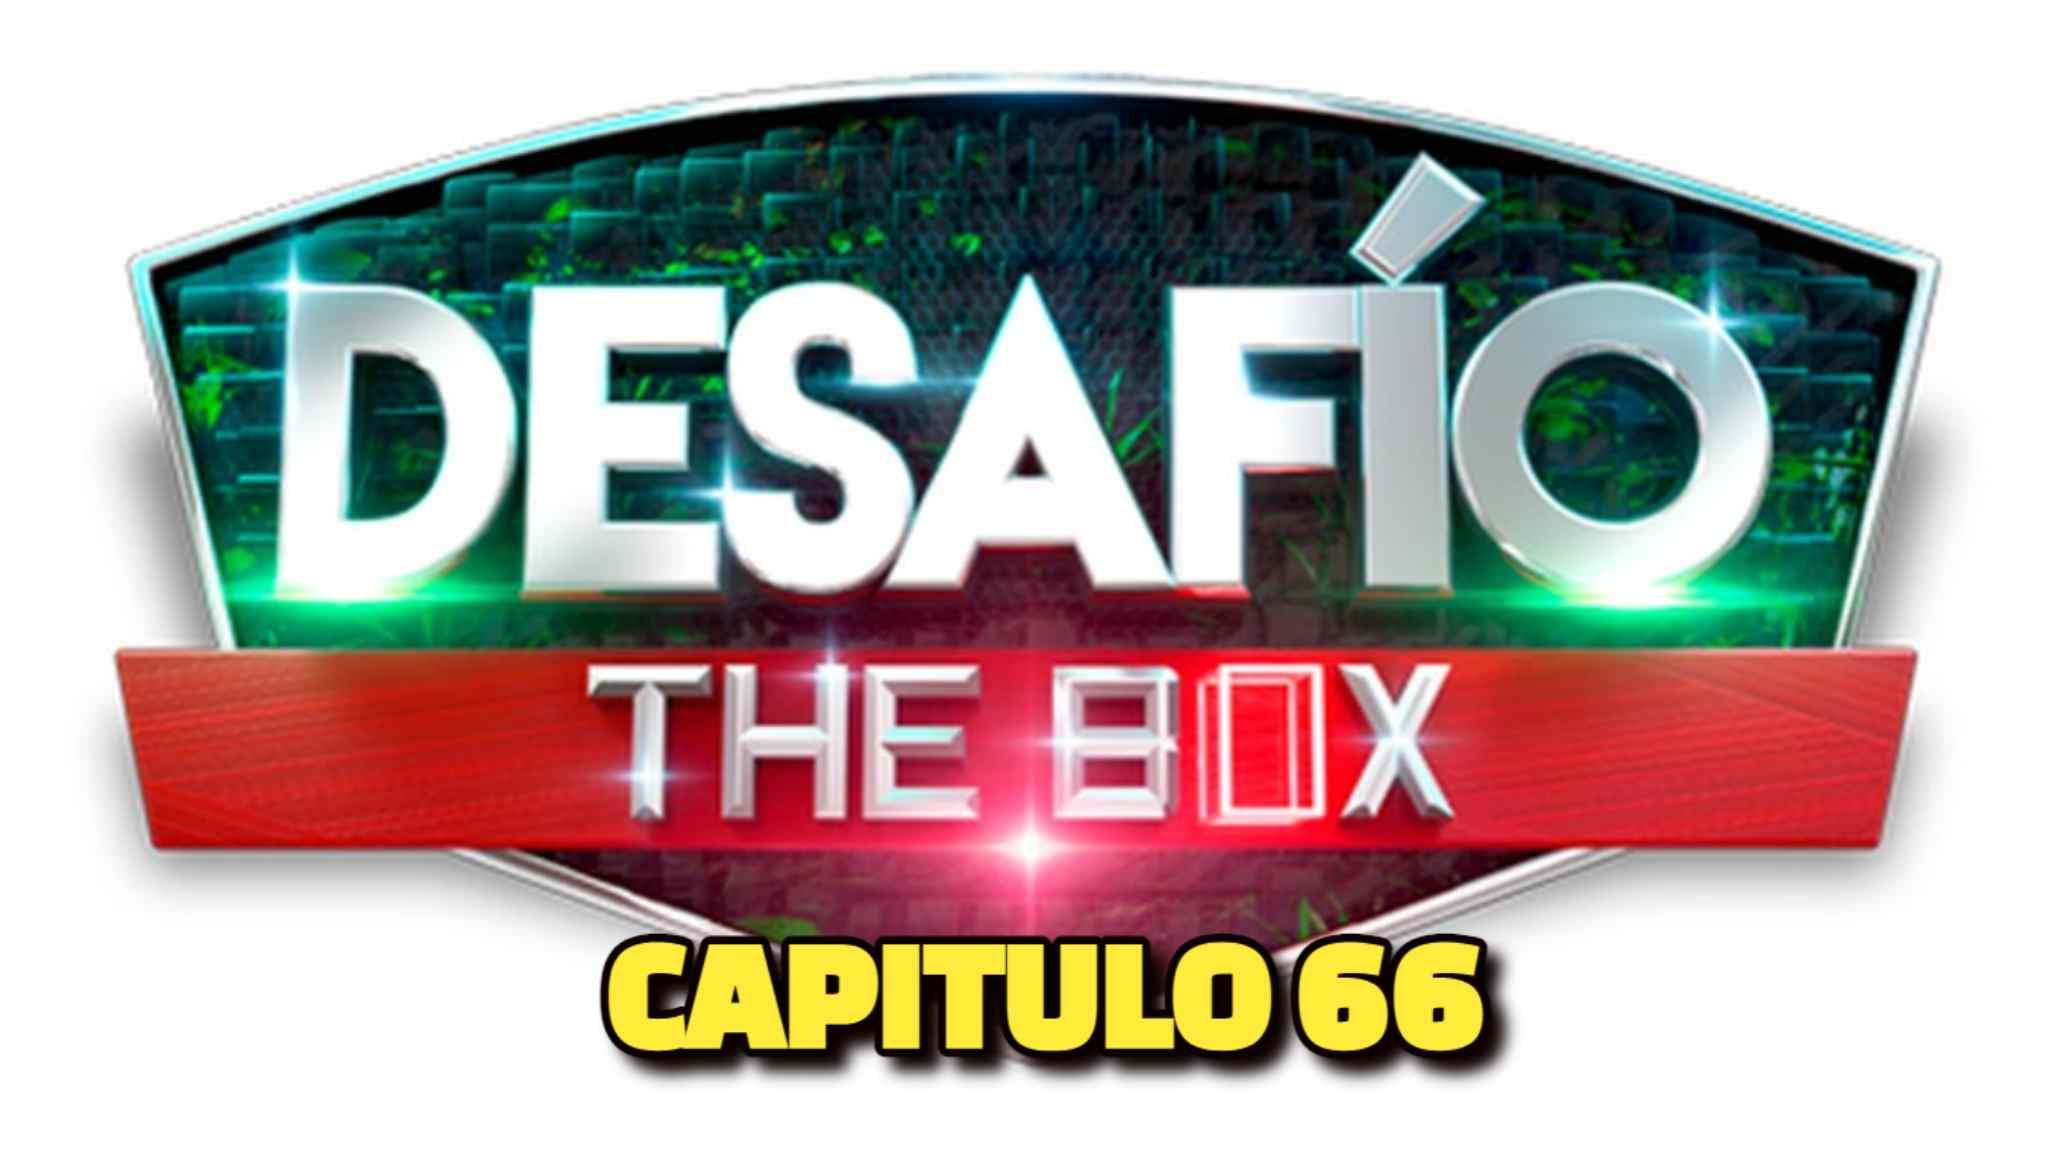 Desafio The Box 2021 CAPITULO 66